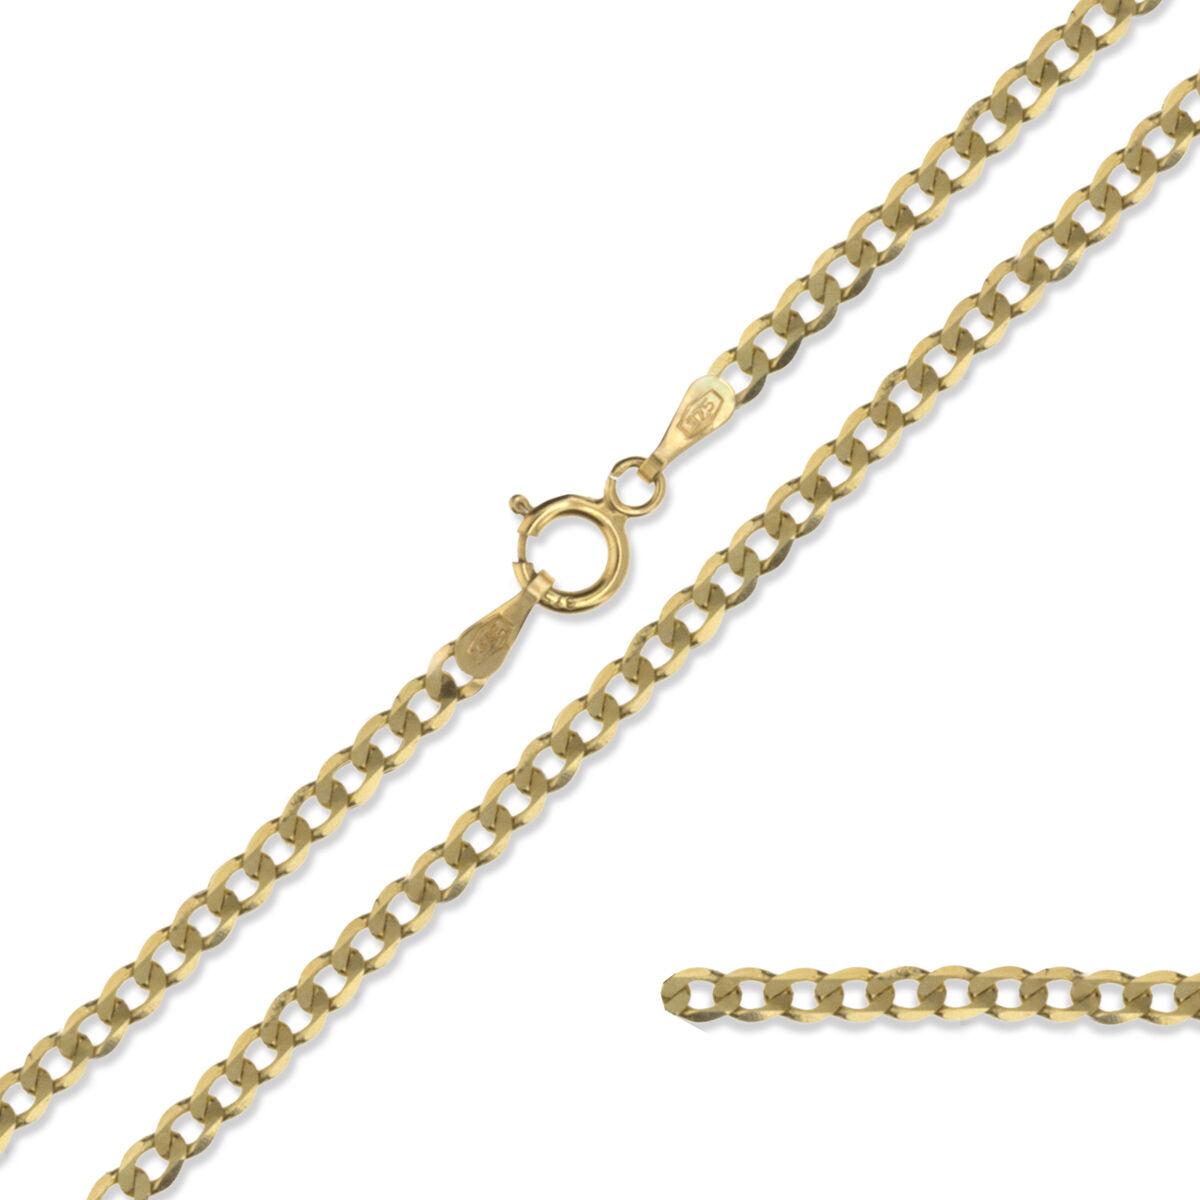 CATENA IN oro 9CT Cordolo Diamond Cut Cut Cut 375 Giallo Collana con Pendente collegamento solido Scatola Regalo 631cda